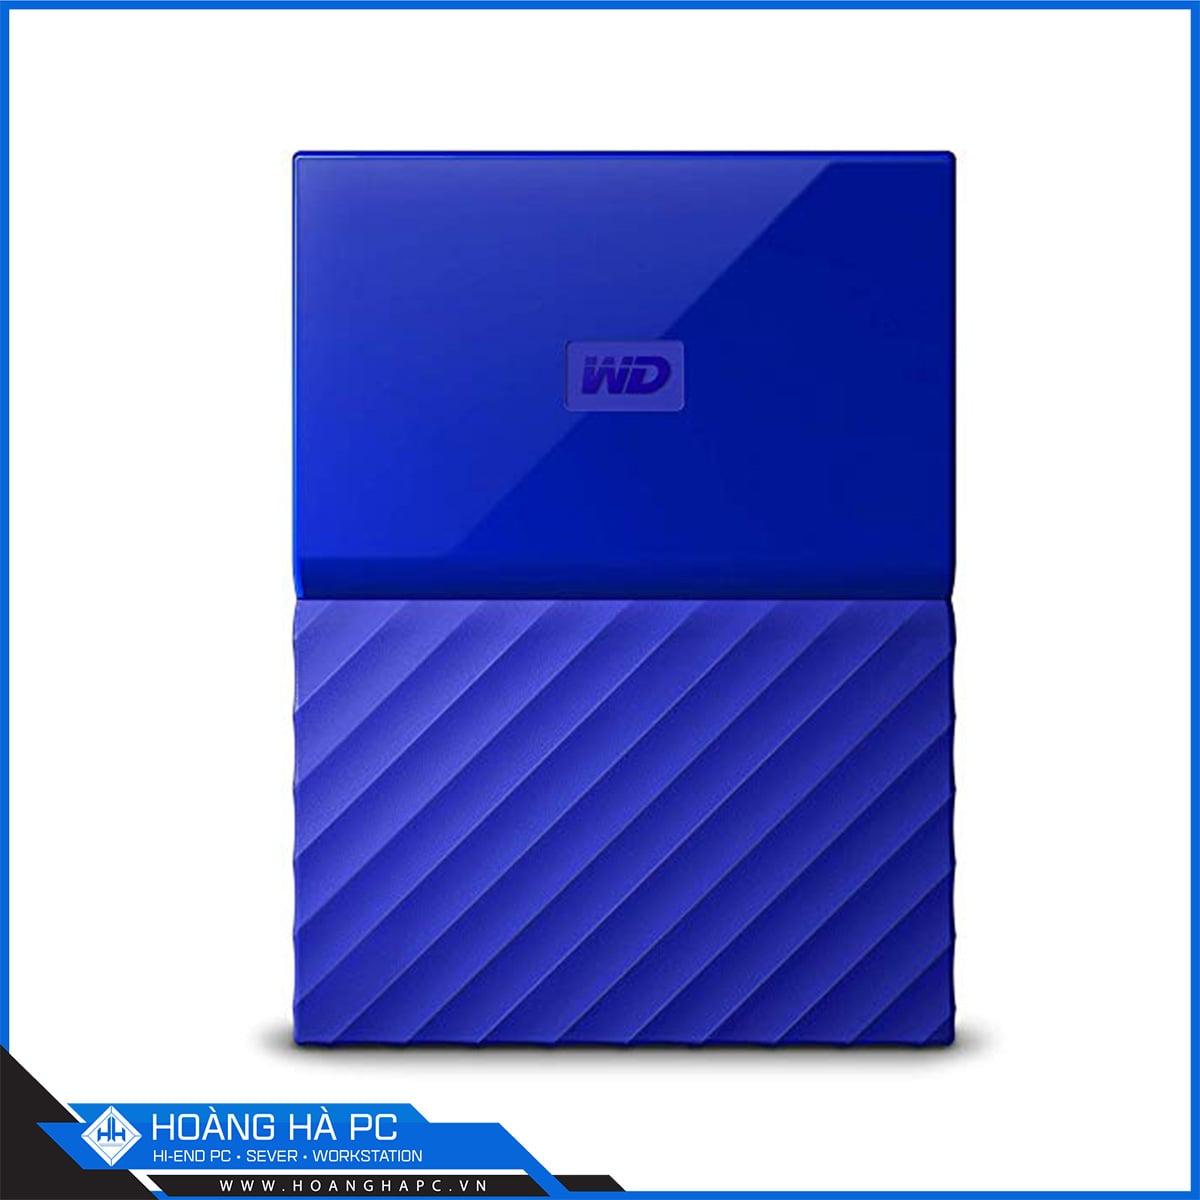 HDD Western Digital My Passport Ultra 1TB